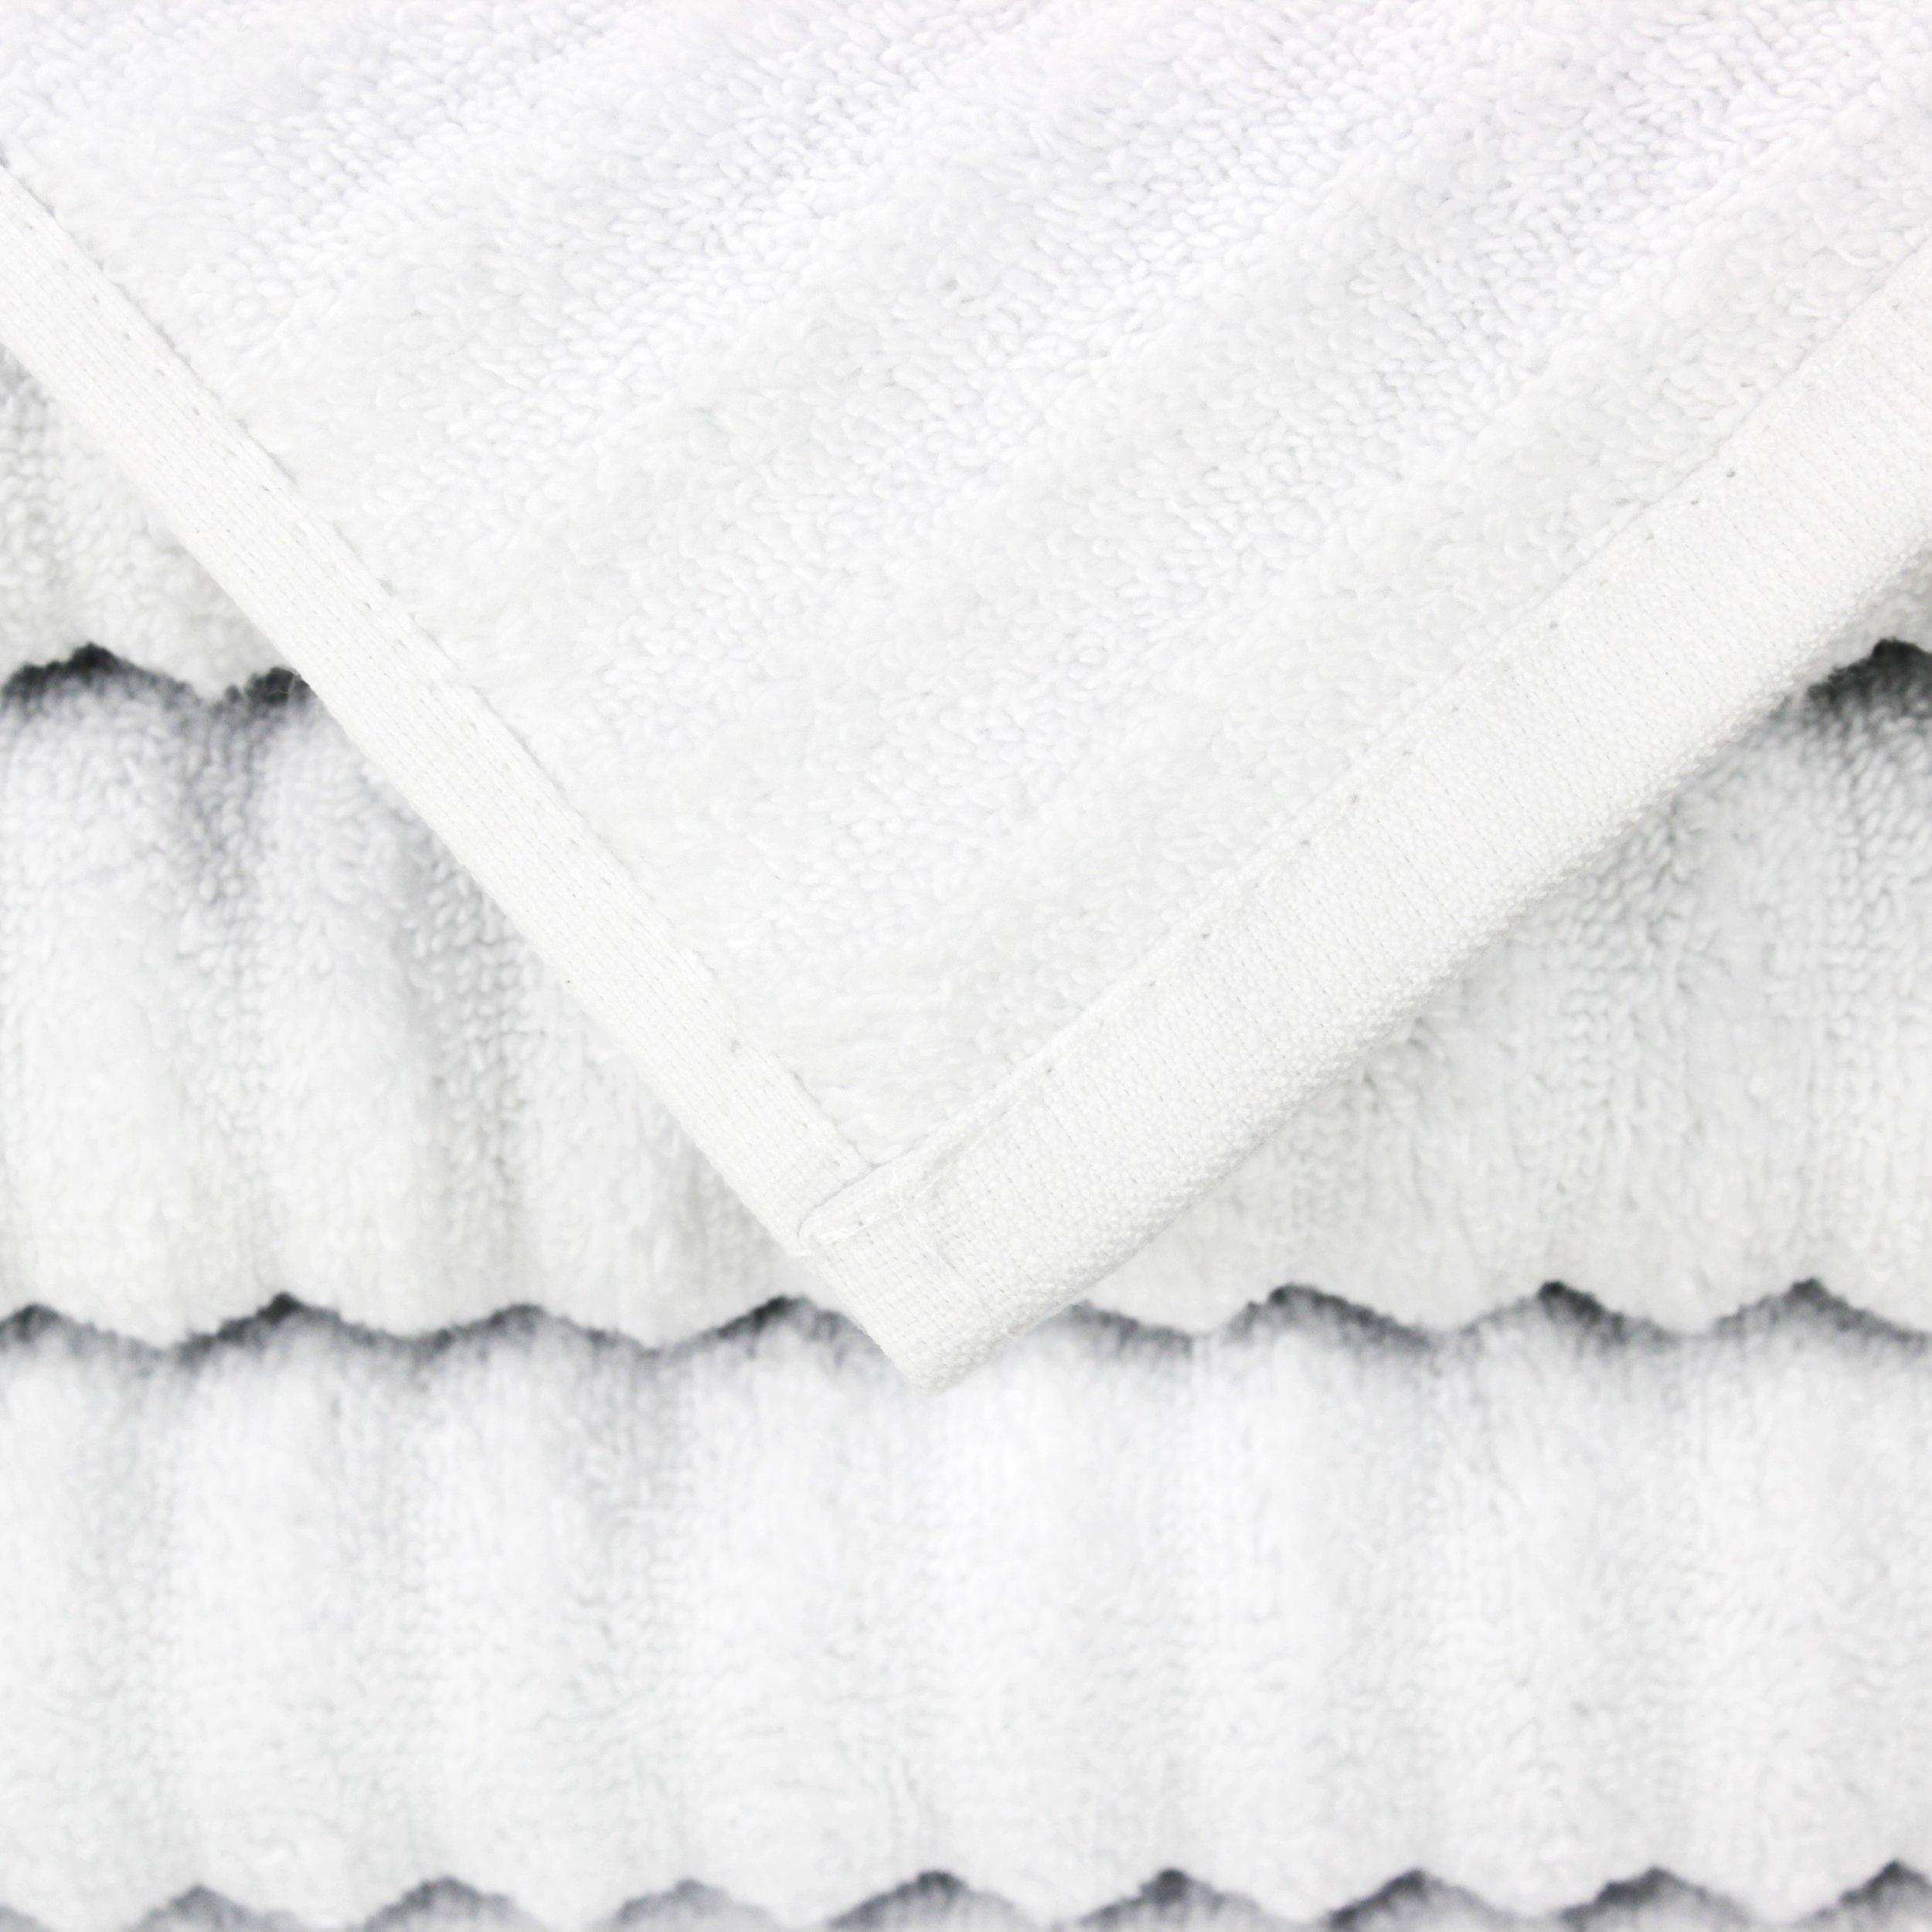 216635_216659_216666_216642_216673_100_turkish_zero_twist_cotton_detail_white_2.jpg